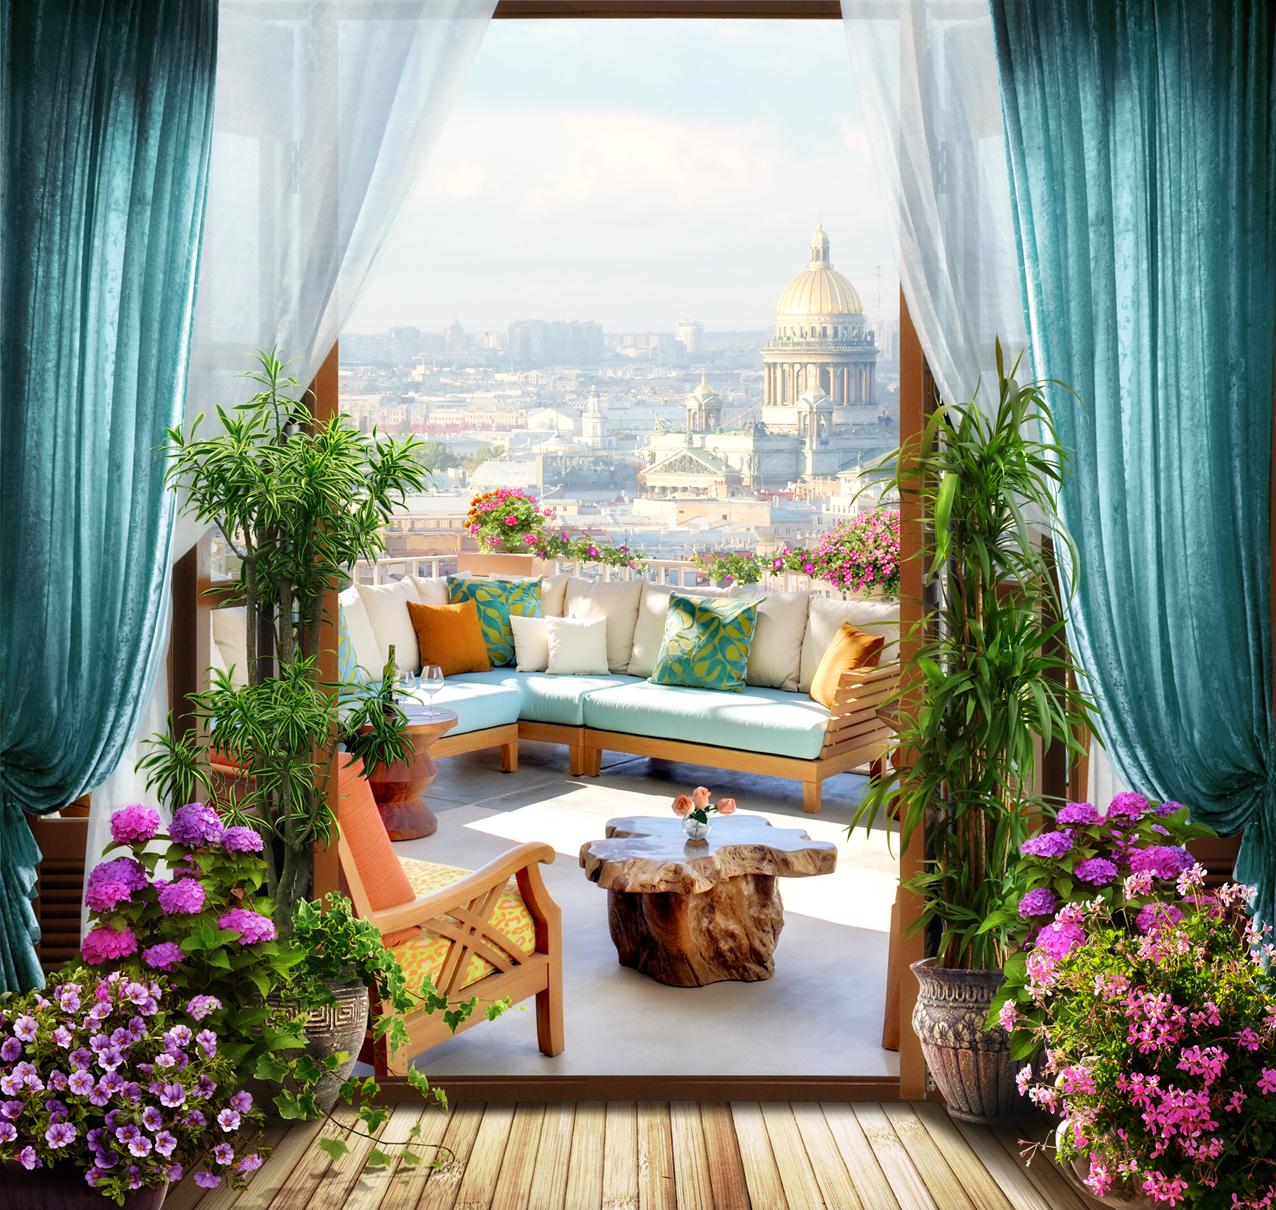 """Фреска артхауз #4482 """"балкон с прекрасным видом"""" в калуге, ц."""